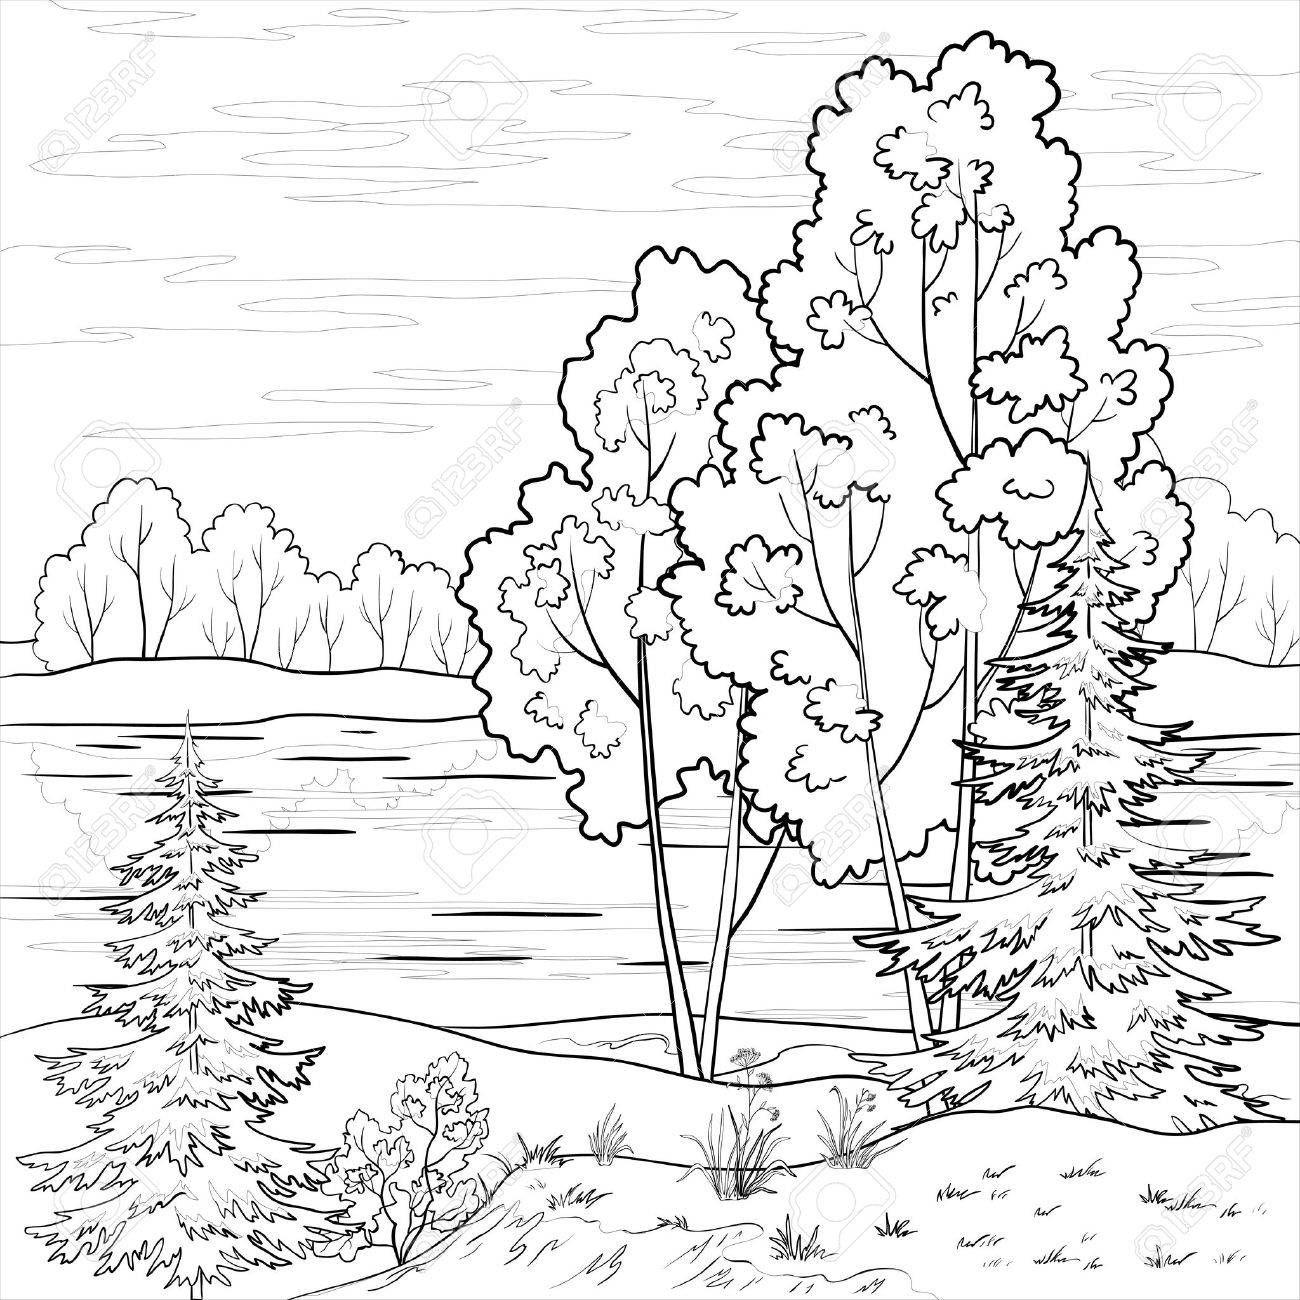 Dibujos Para Colorear De Naturaleza Paisaje Bosque ...